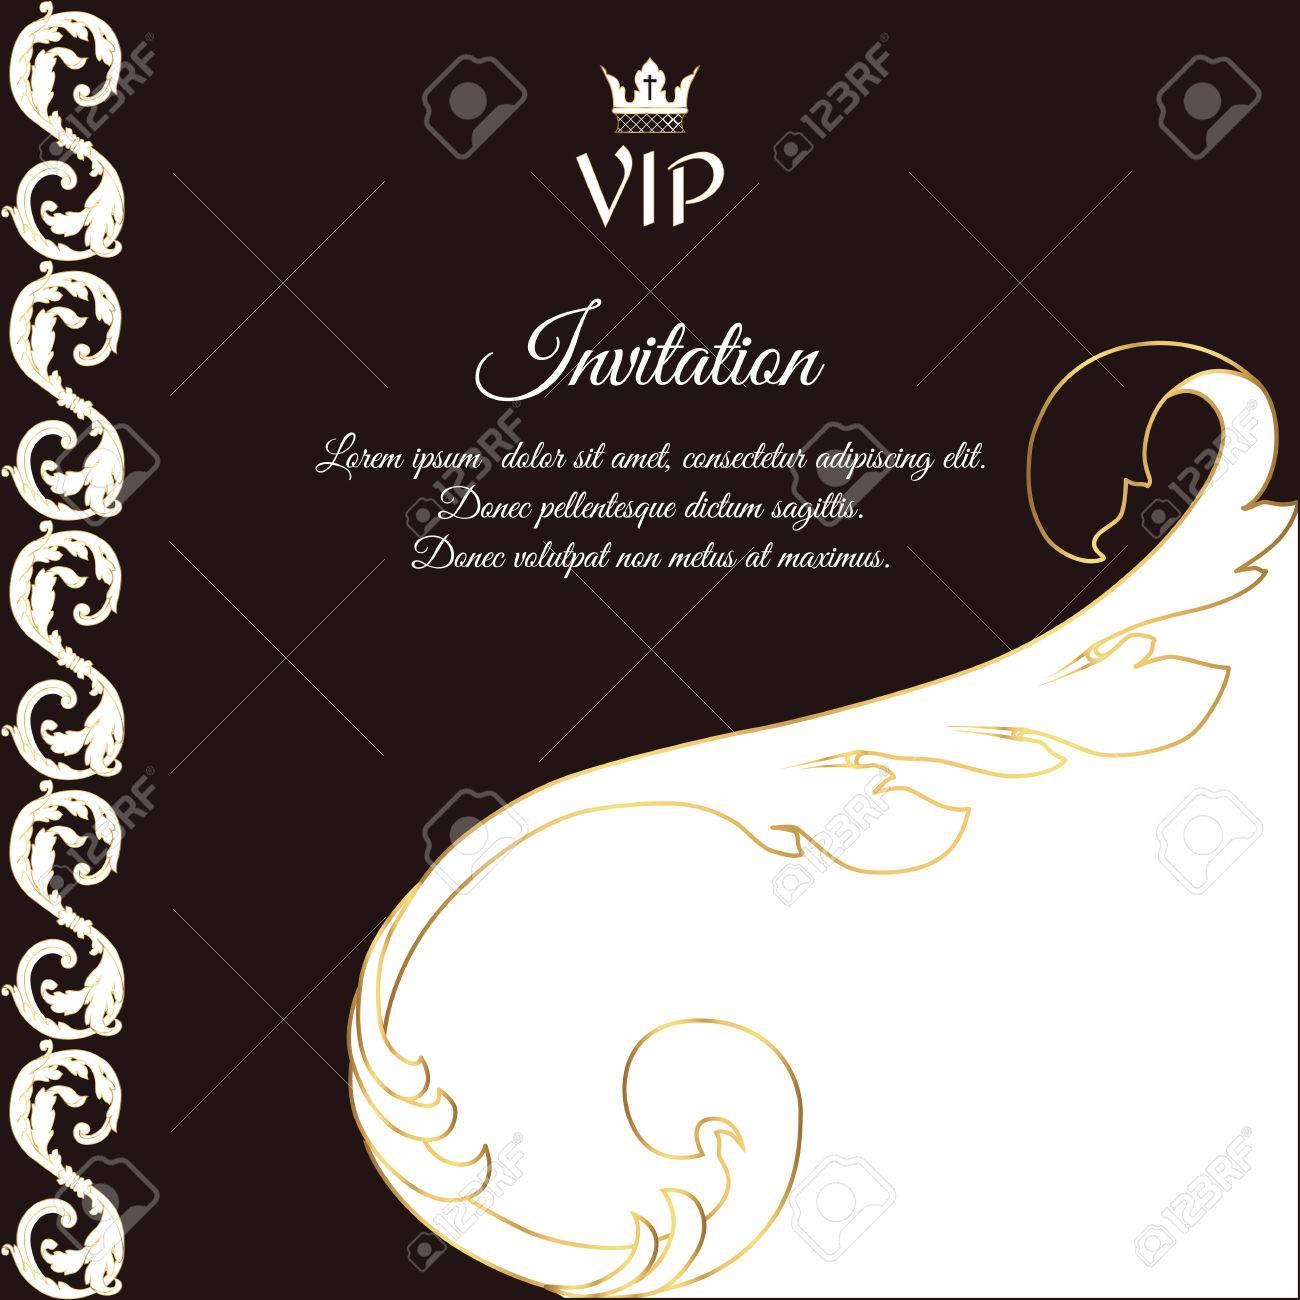 Elegante Braune Karte Für VIP-Grüße Und Einladungen. Im ...